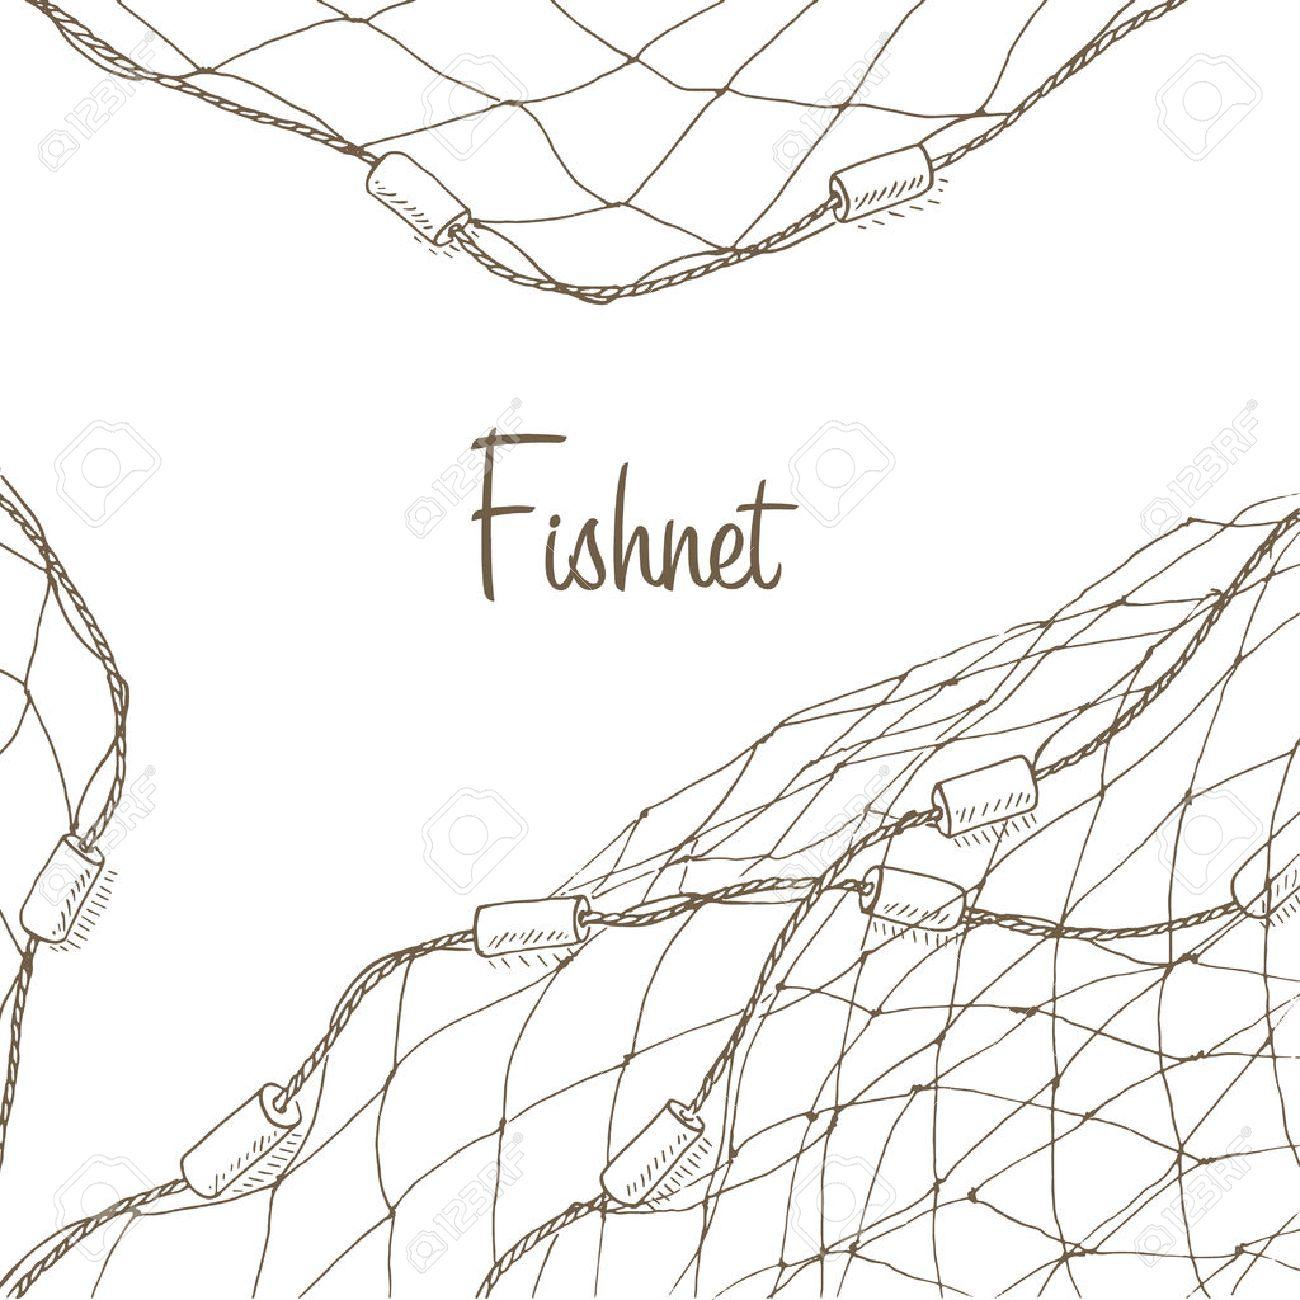 釣りネットの背景。フィッシュ ネット チラシです。網タイツの